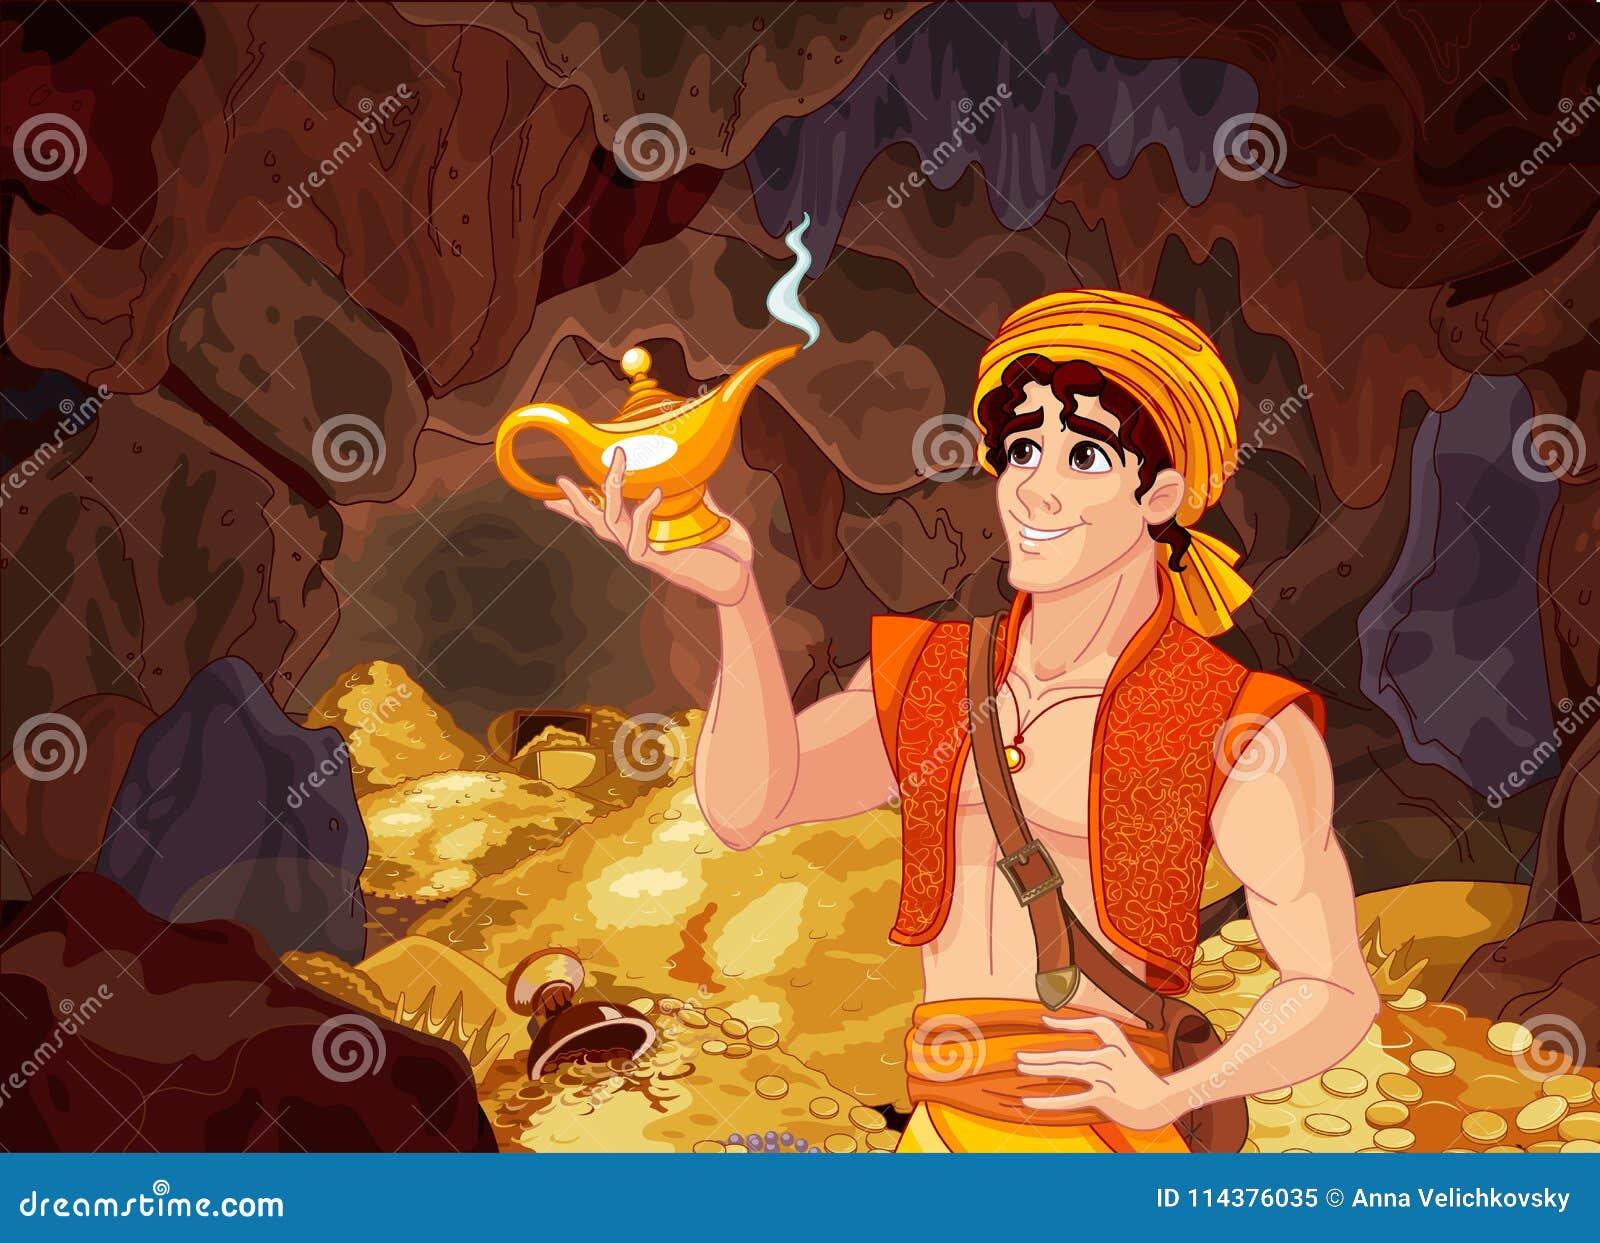 Aladdin Ilustraciones Stock, Vectores, Y Clipart